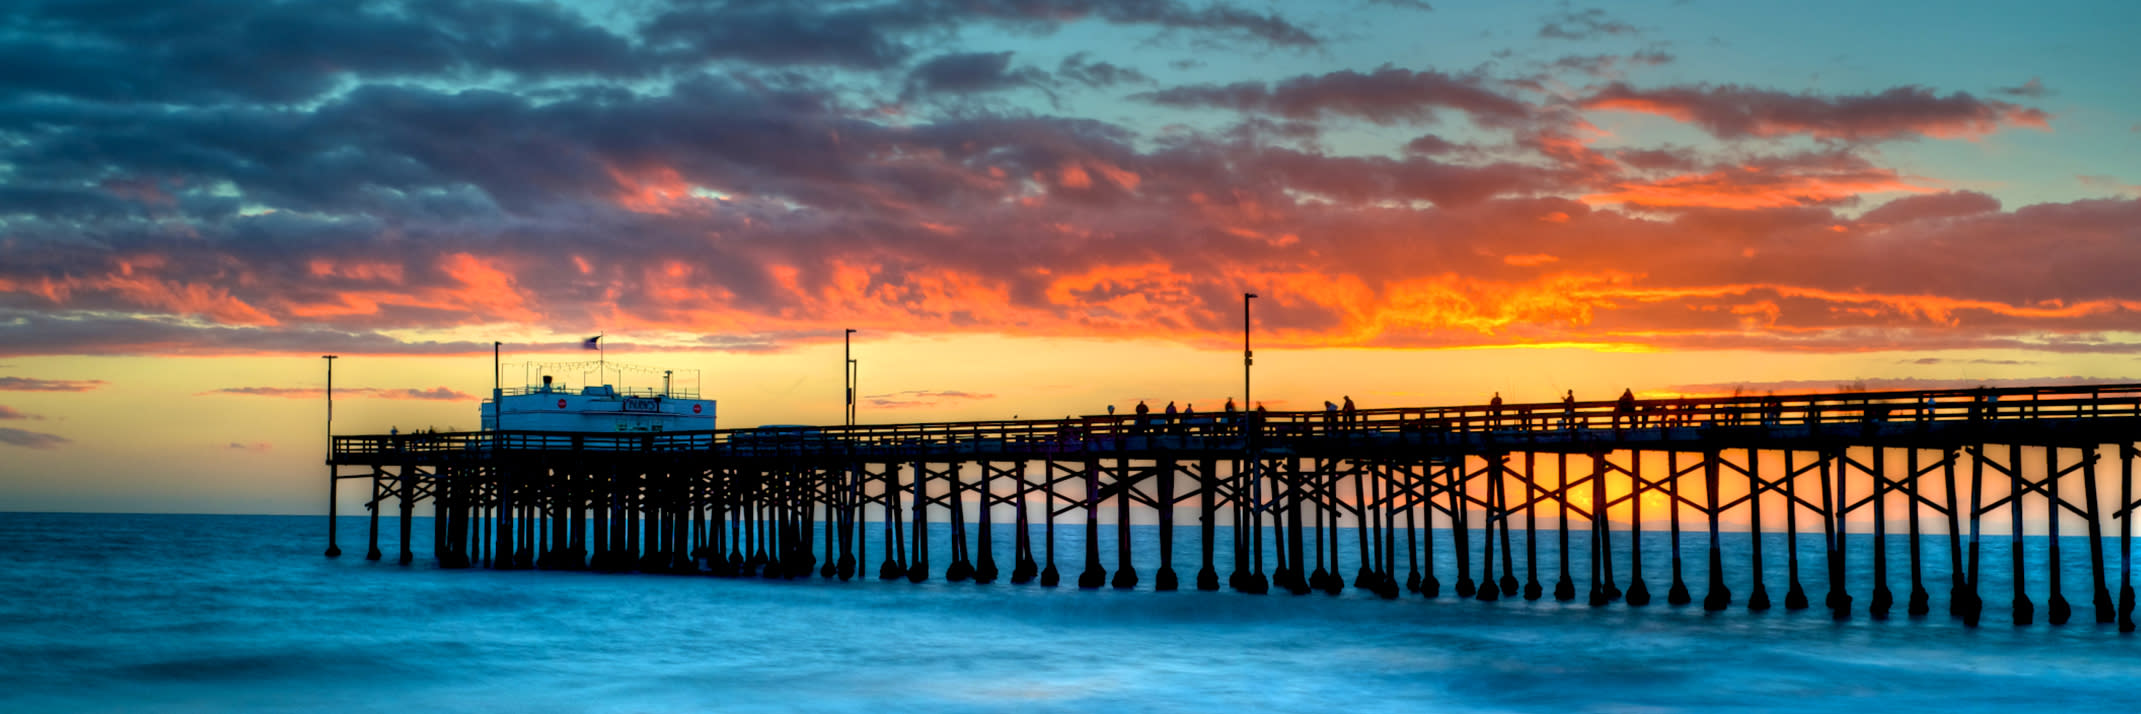 <div class='title'>           NB Pier Sunset sm         </div>